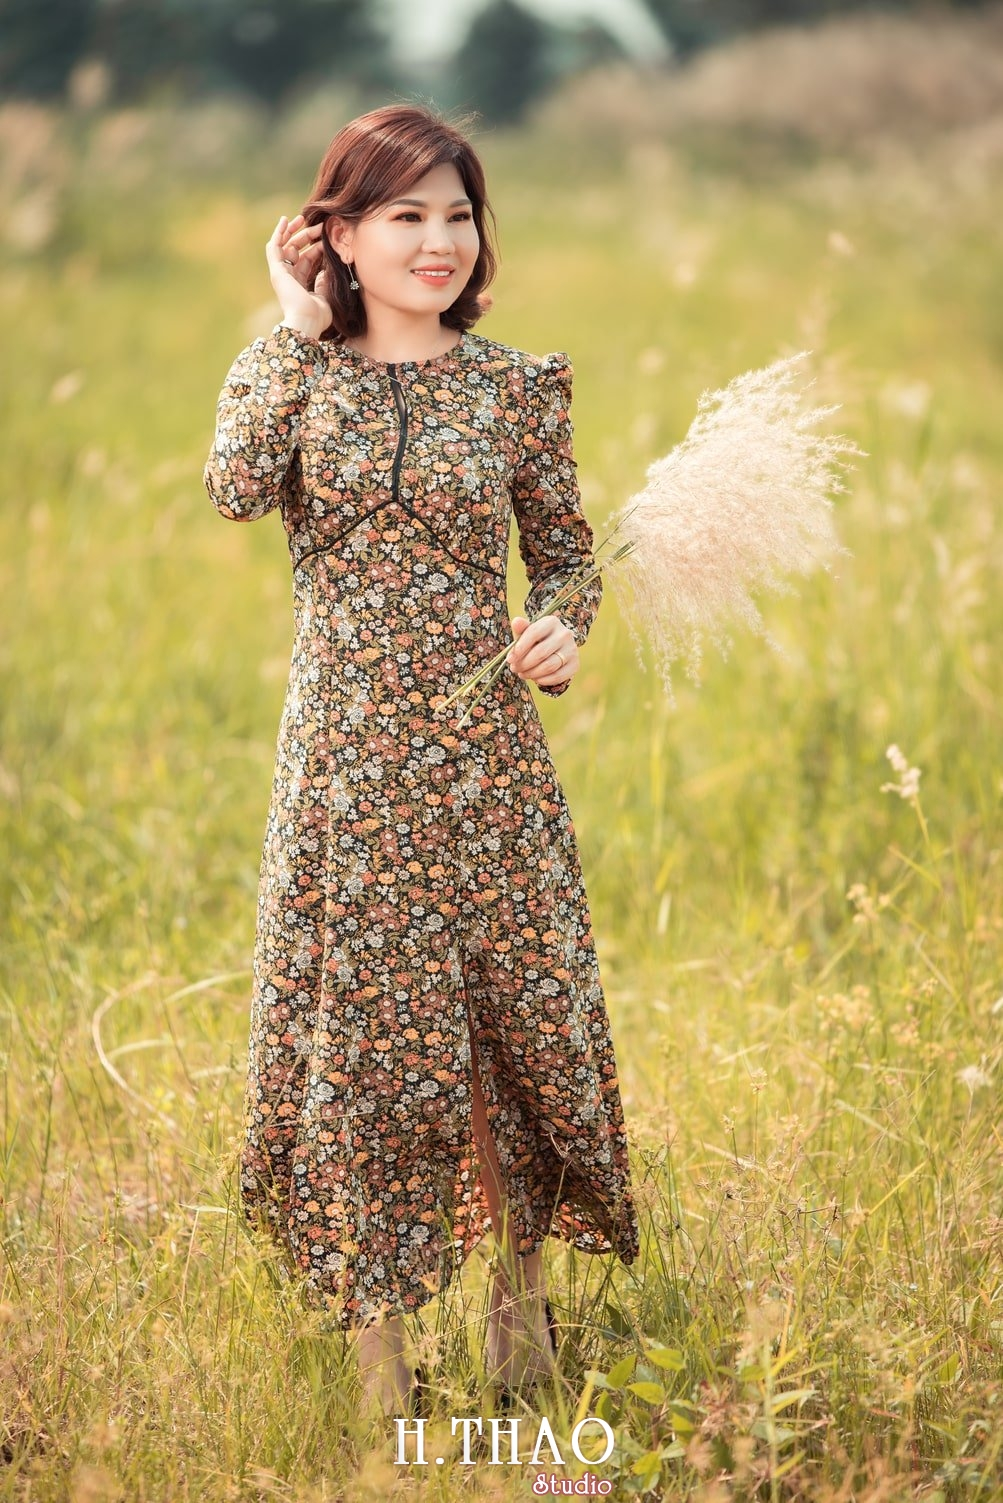 Canh Dong Co Lau 11 - Chụp ảnh với cánh đồng cỏ lau quận 9 tuyệt đẹp - HThao Studio